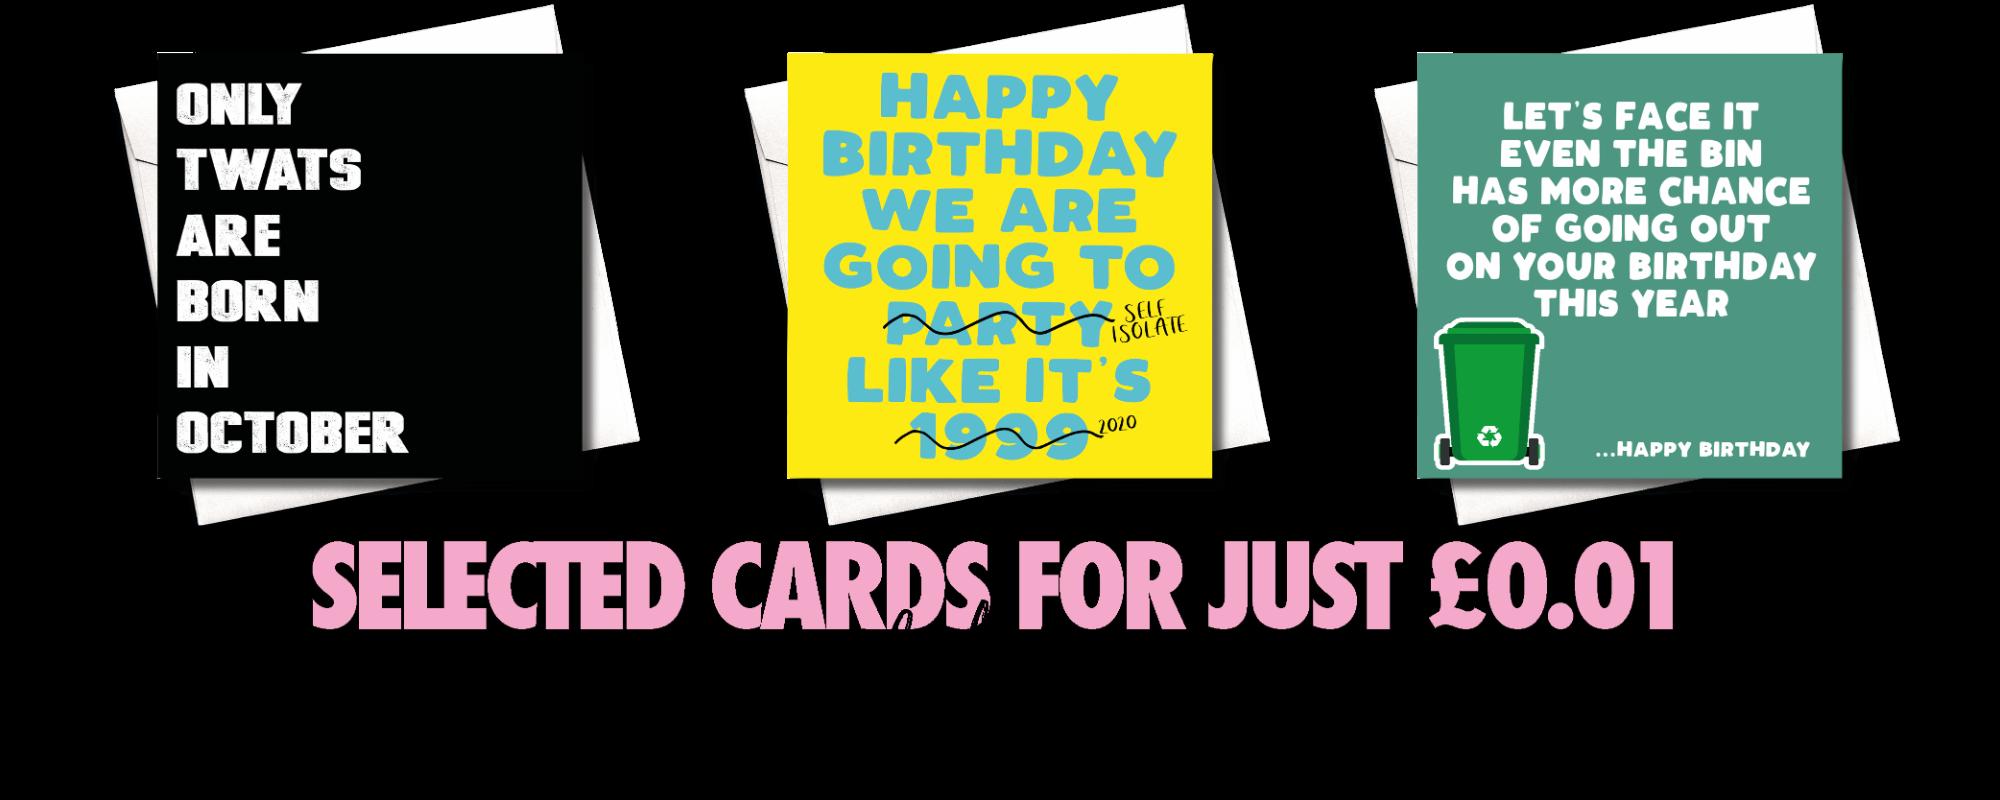 A PENNY CARD